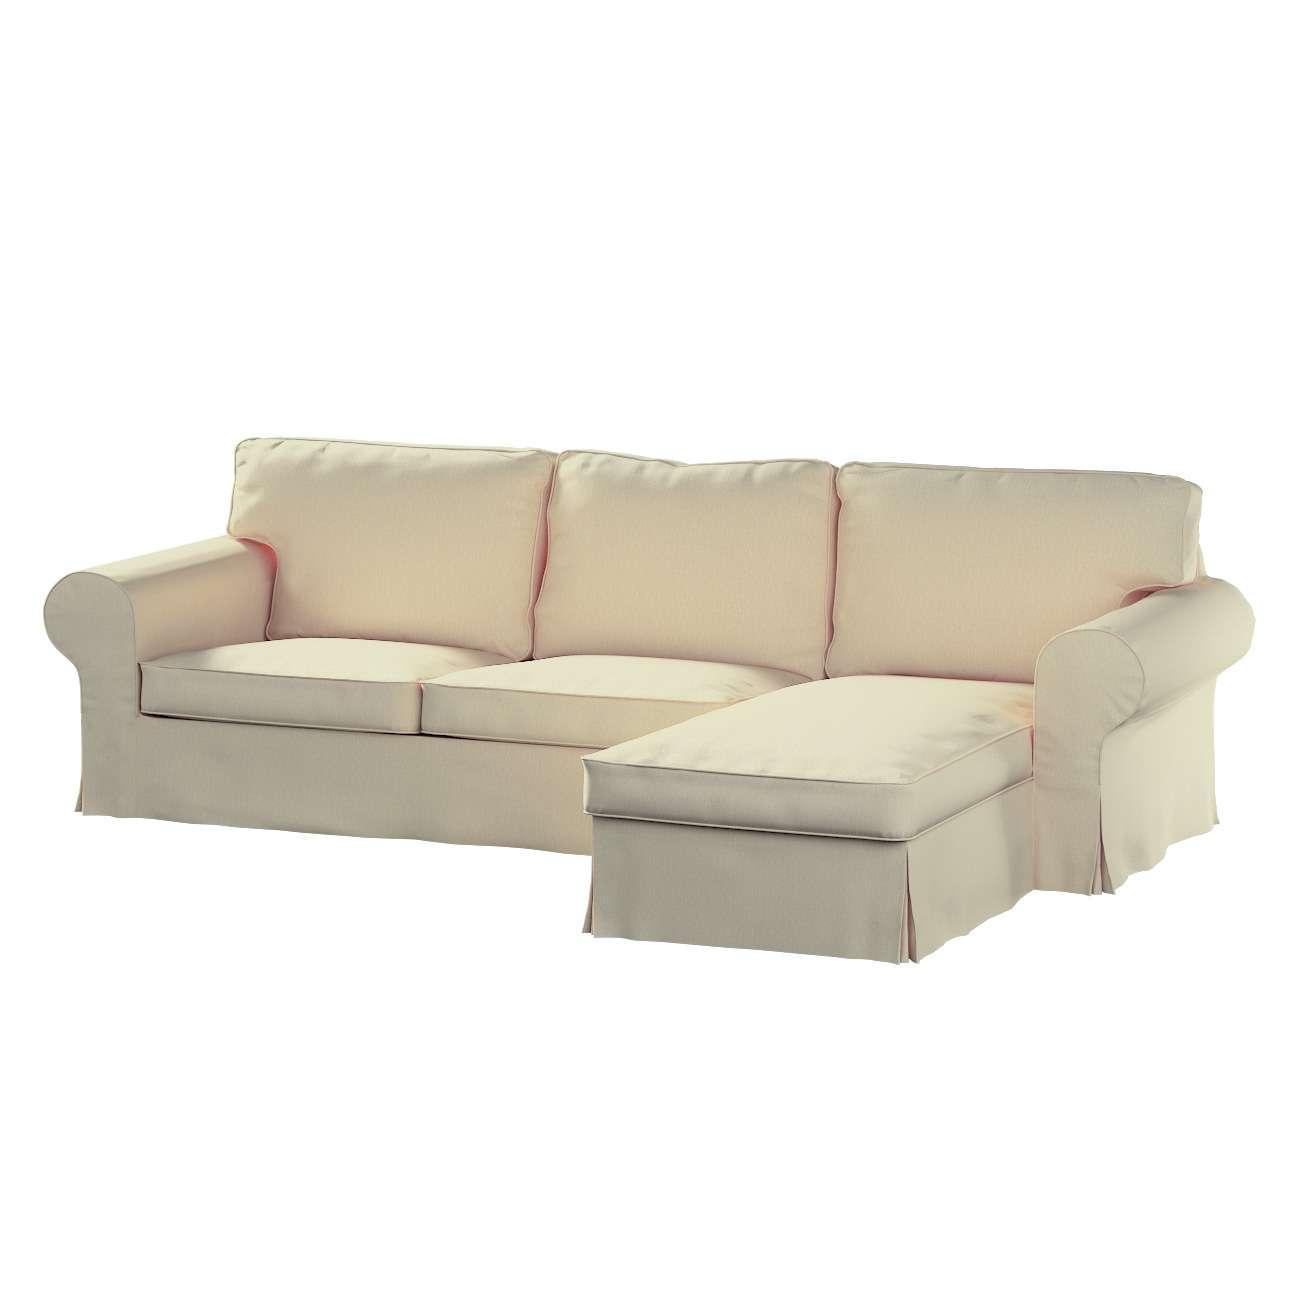 Ektorp dvivietės sofos su gulimuoju krėslu užvalkalas Ikea Ektorp dvivietės sofos su gulimuoju krėslu užvalkalas kolekcijoje Chenille, audinys: 702-22